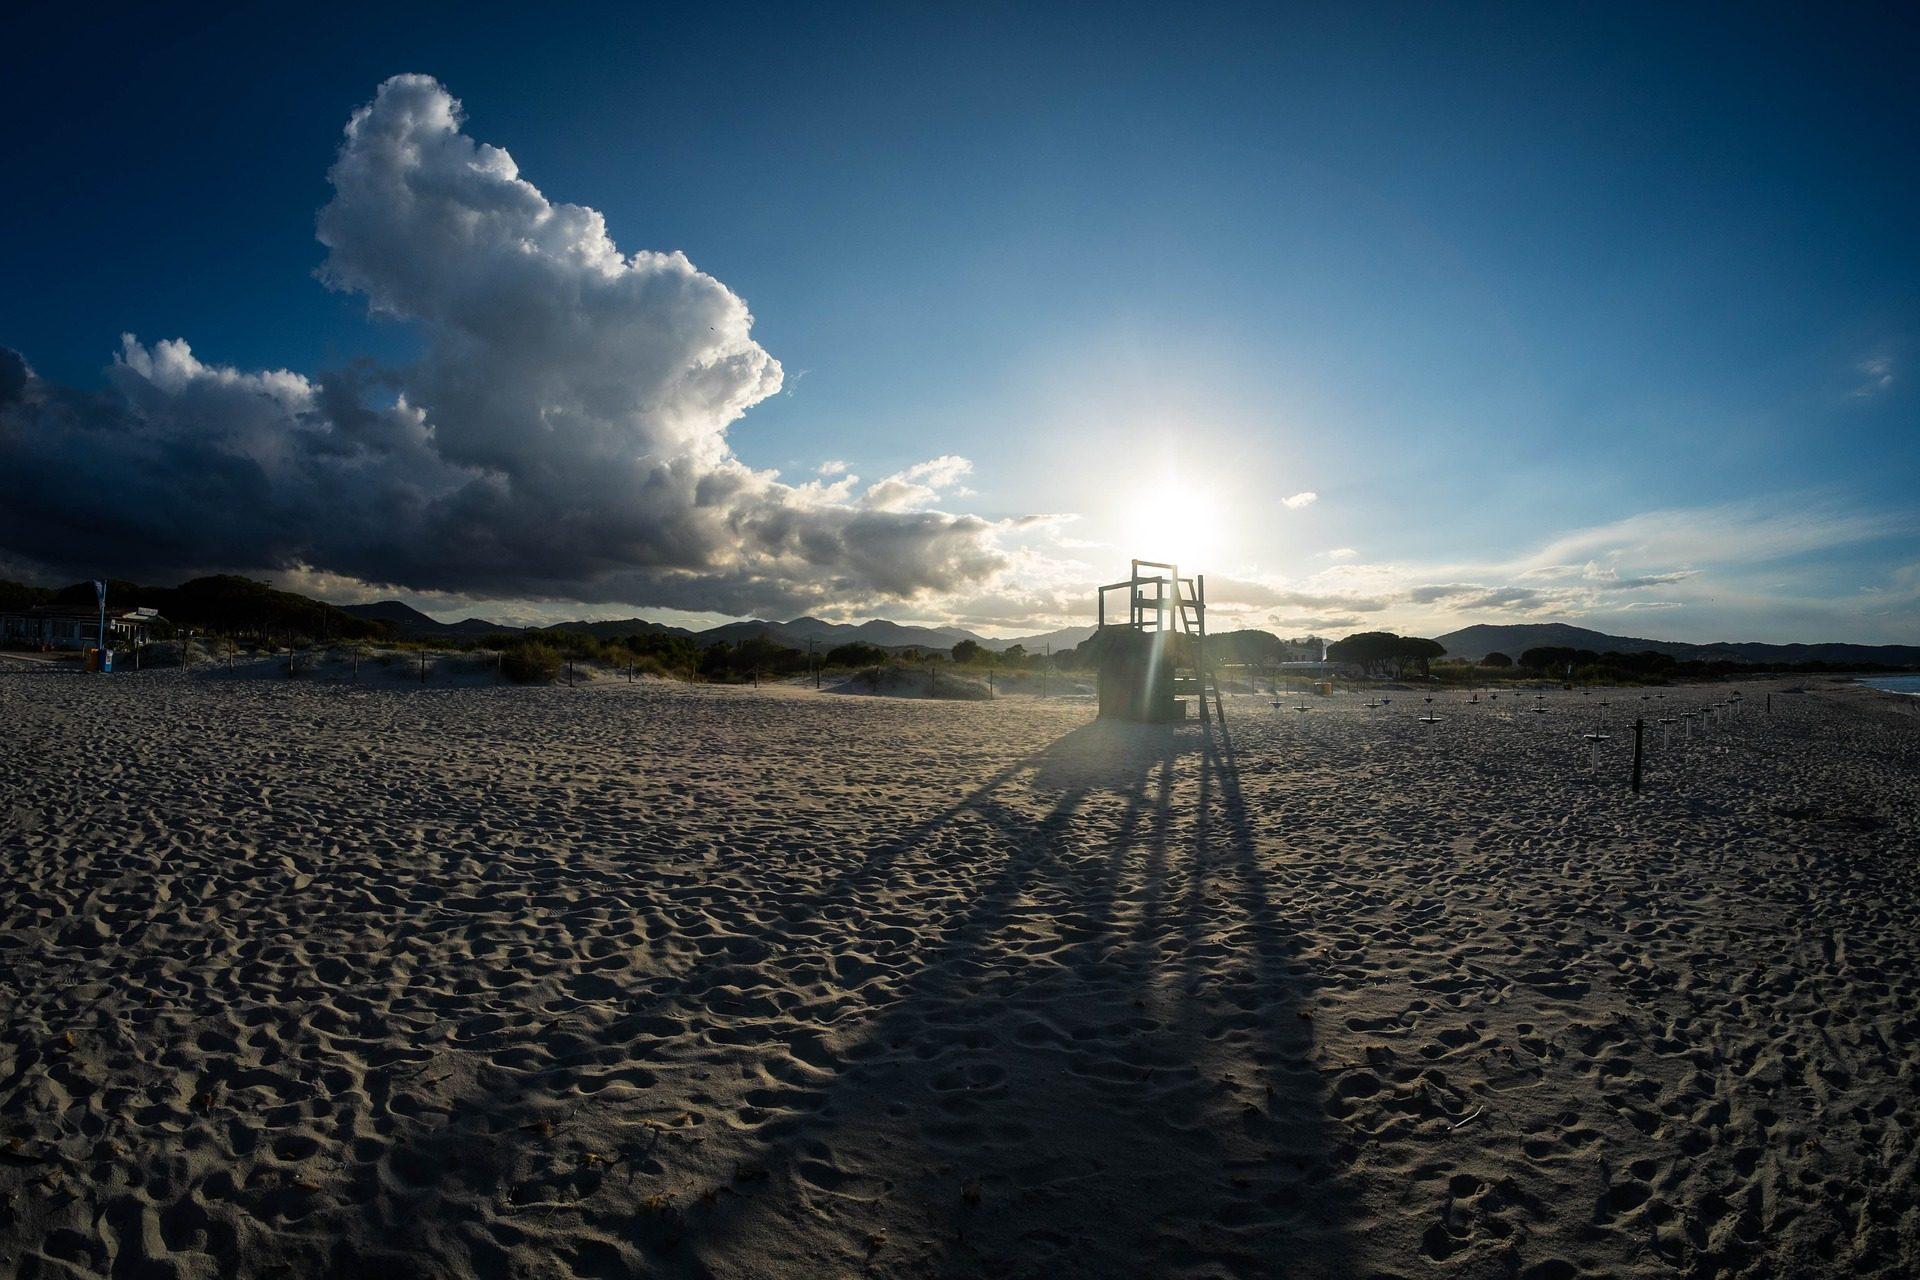 Praia, areia, Banco, Cadeira, Céu, nuvens - Papéis de parede HD - Professor-falken.com